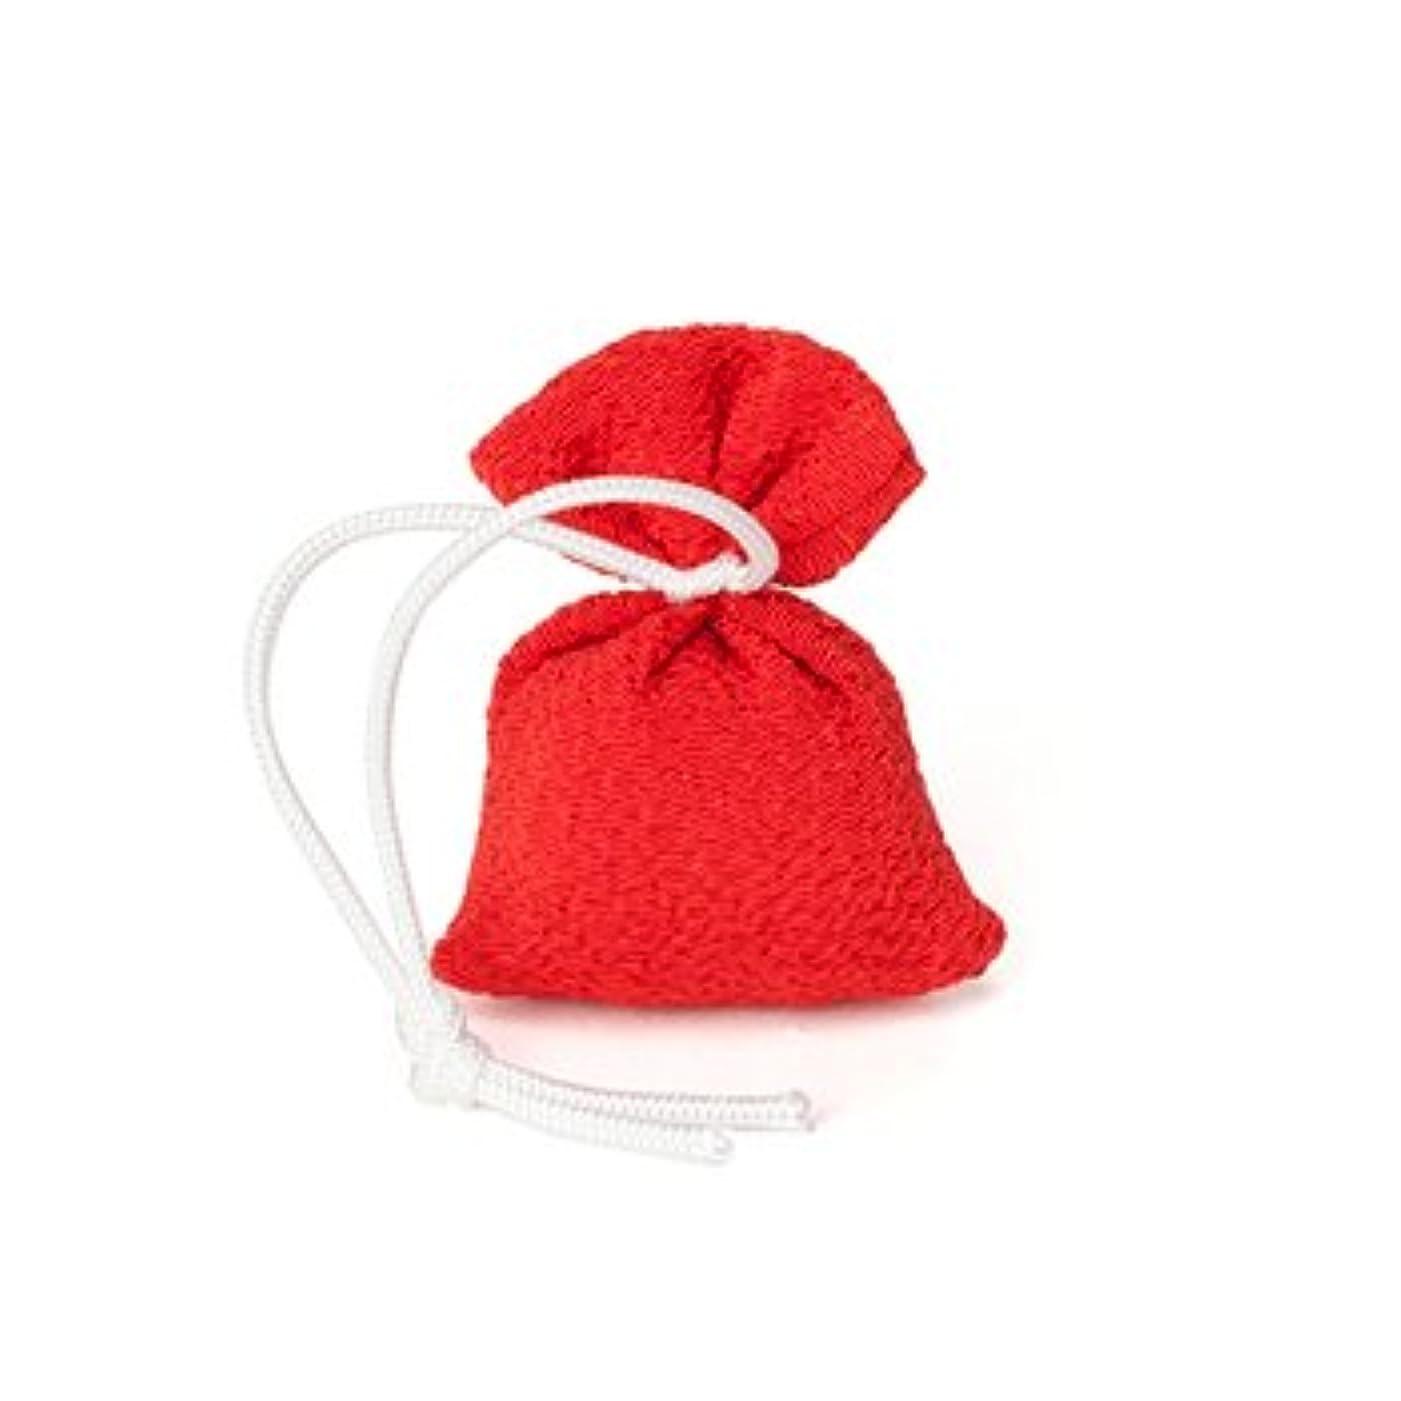 申し込むダイエットデータ松栄堂 匂い袋 誰が袖 携帯用 1個入 ケースなし (色をお選びください) (赤)